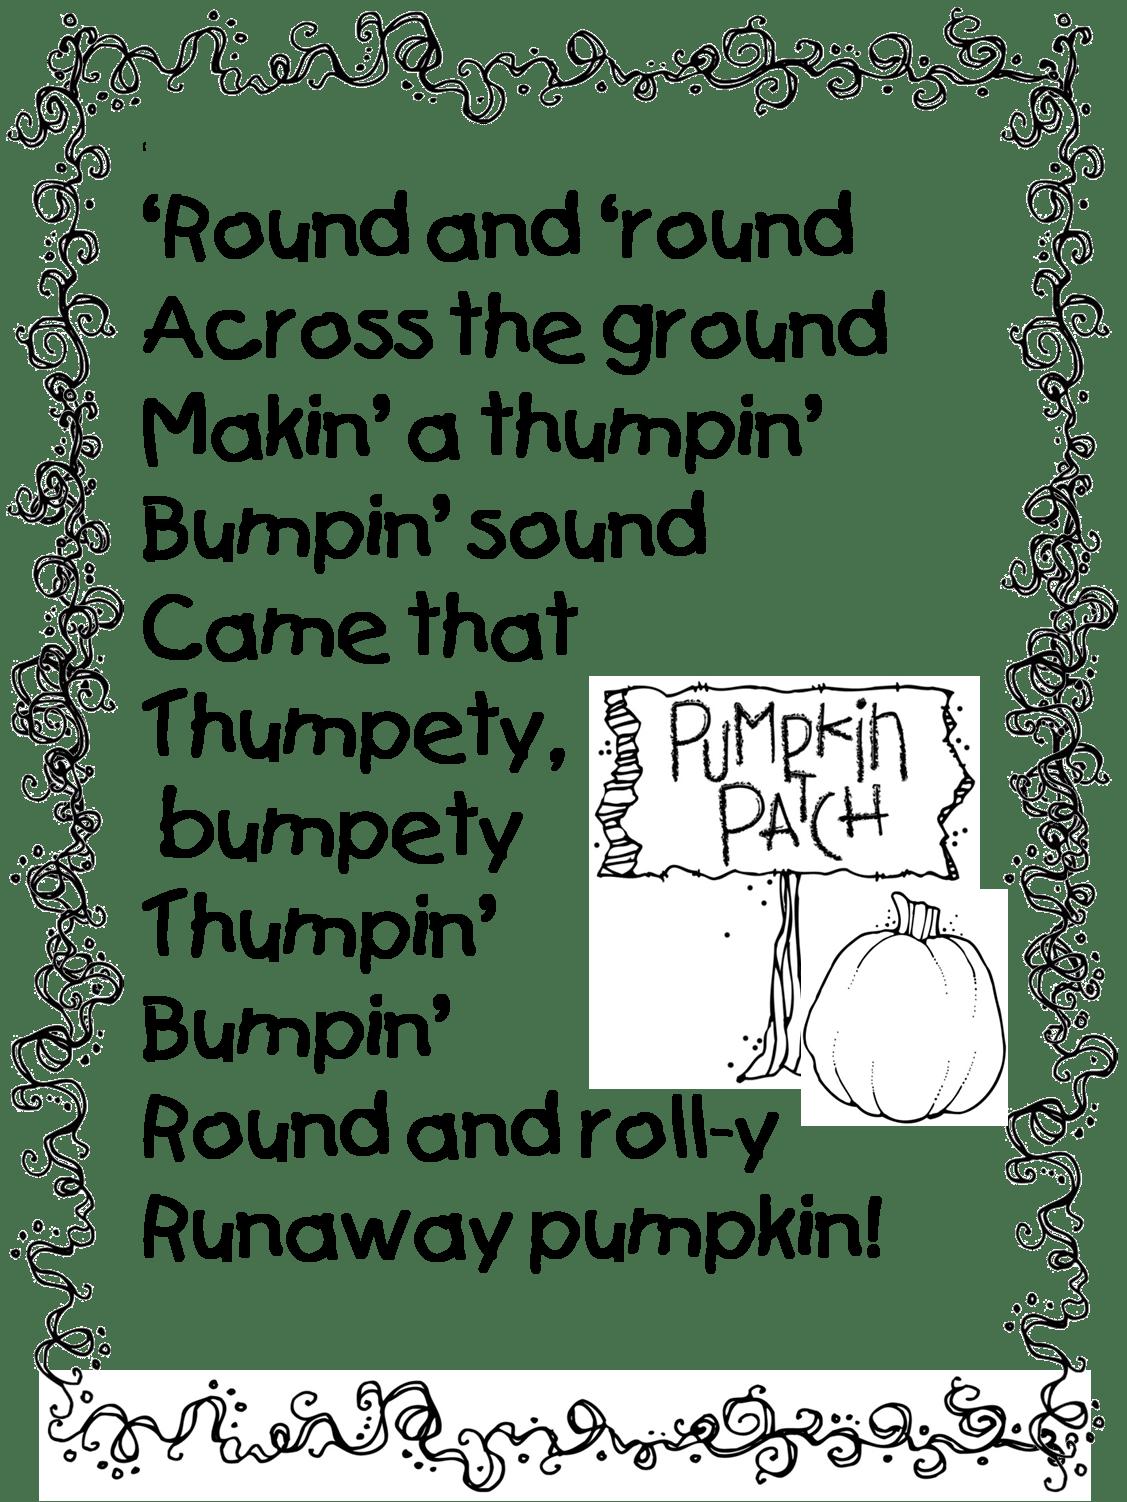 Runaway Pumpkin Poem 1 127 1 502 Pixels